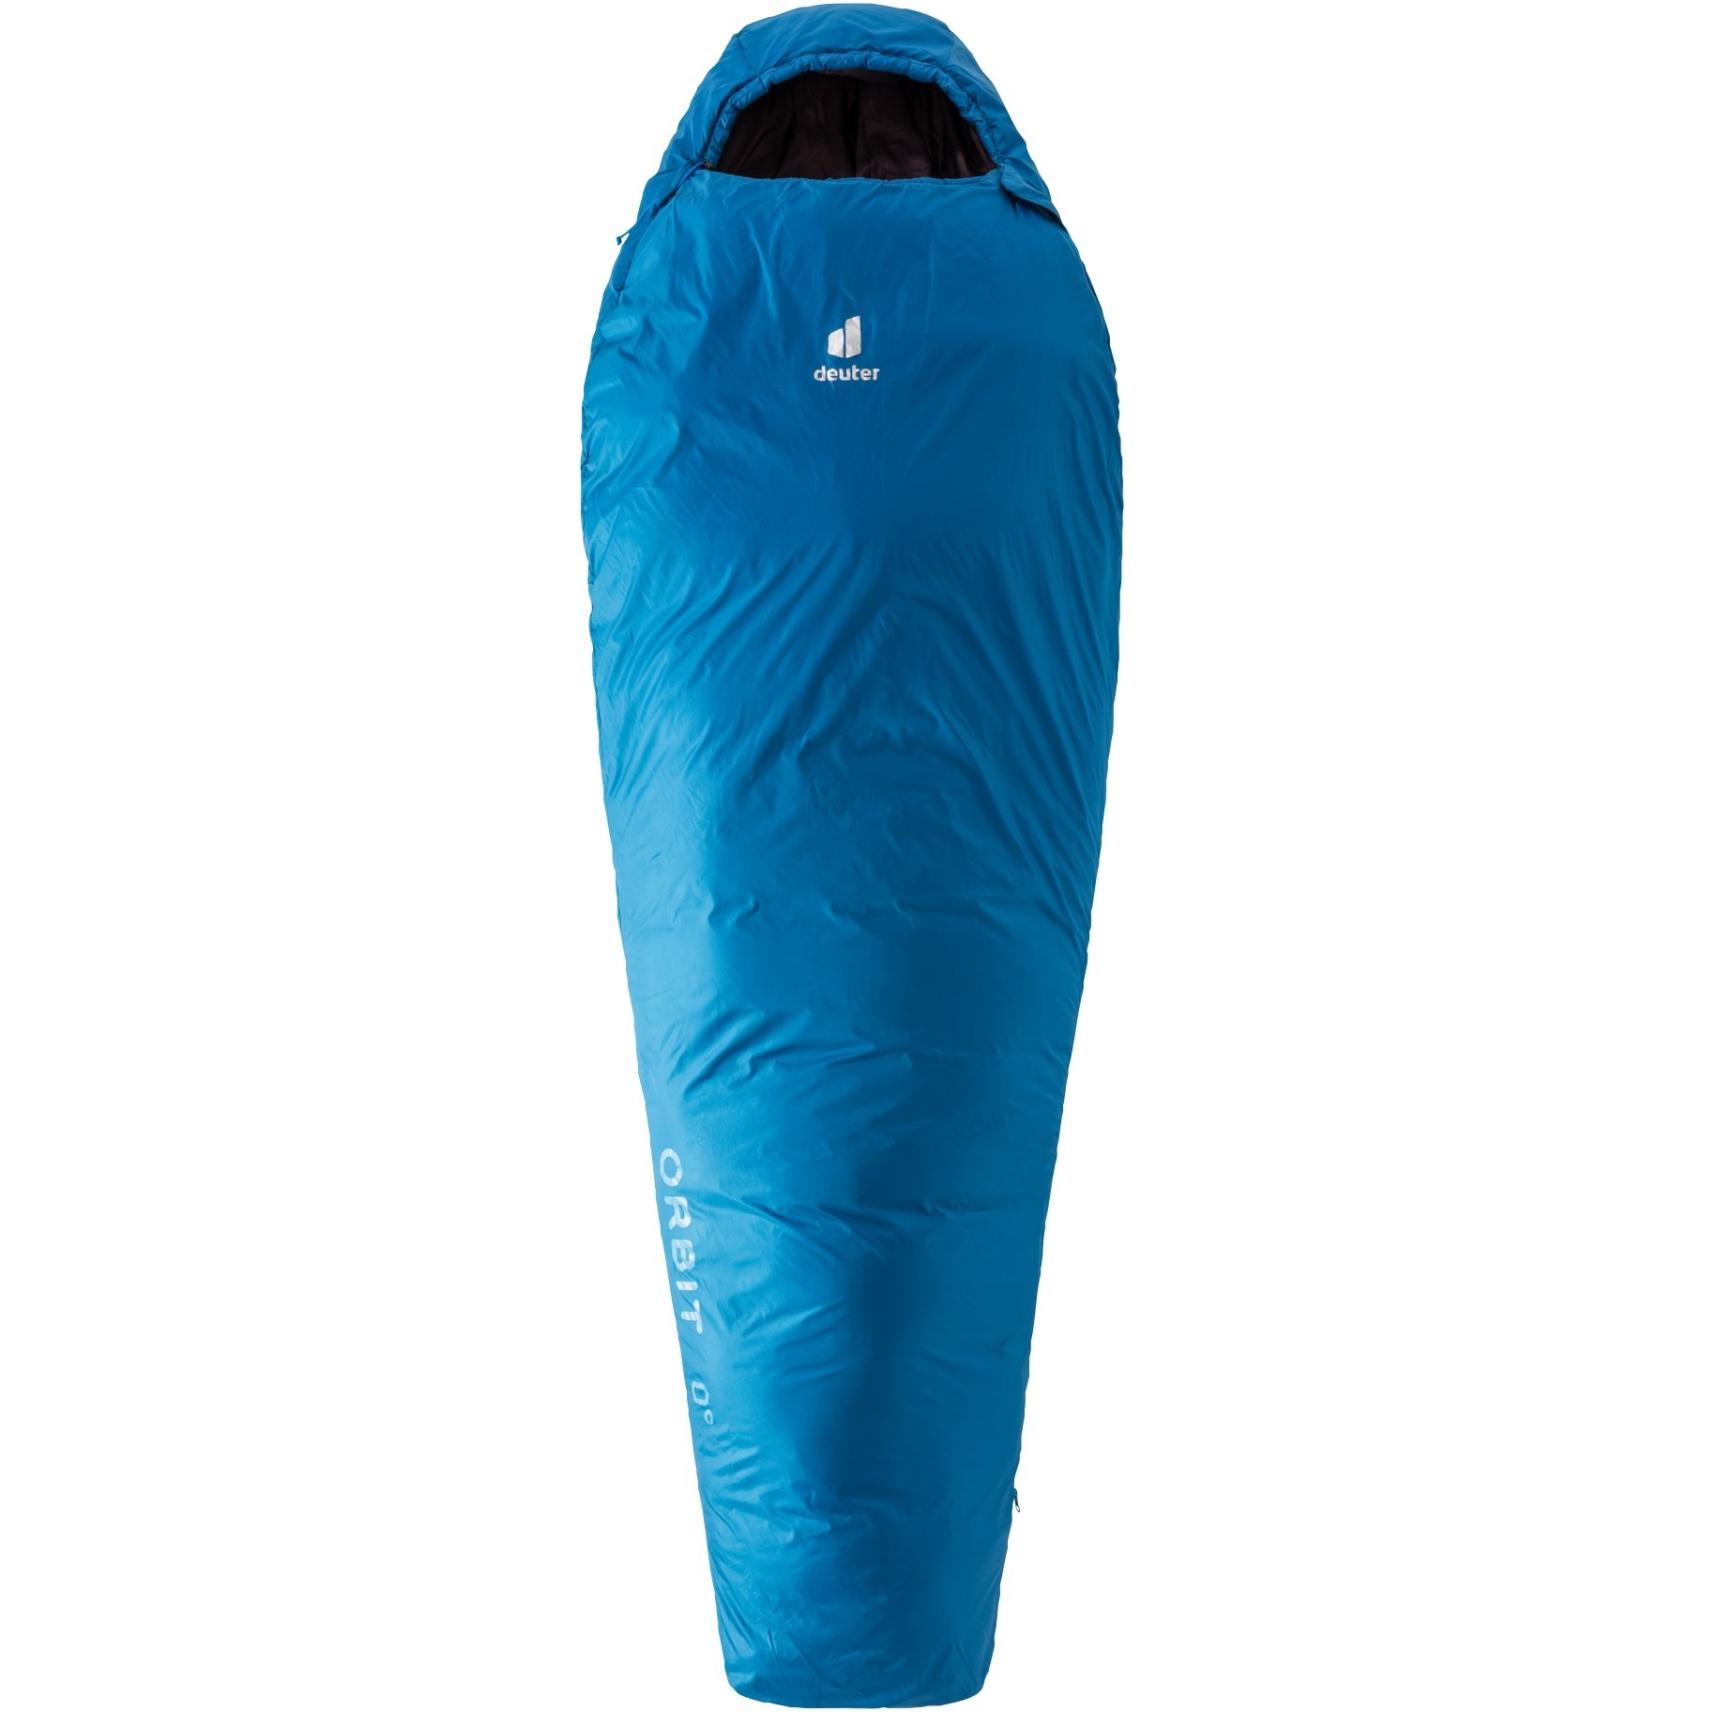 Deuter Orbit 0° SL Women's Sleeping Bag - zip right - bay-aubergine